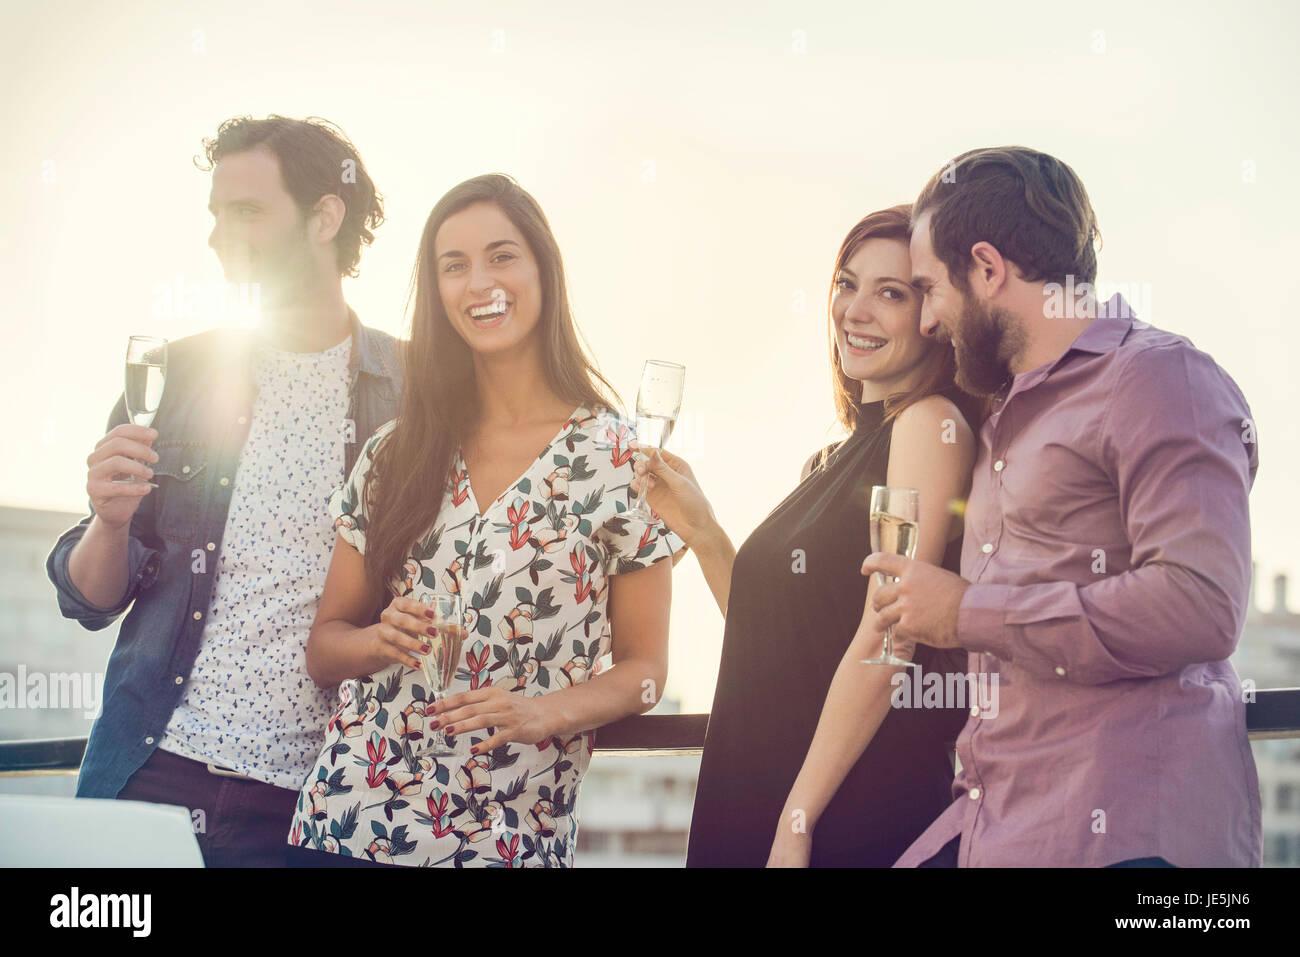 Grupo de amigos con vino relajante al aire libre Imagen De Stock